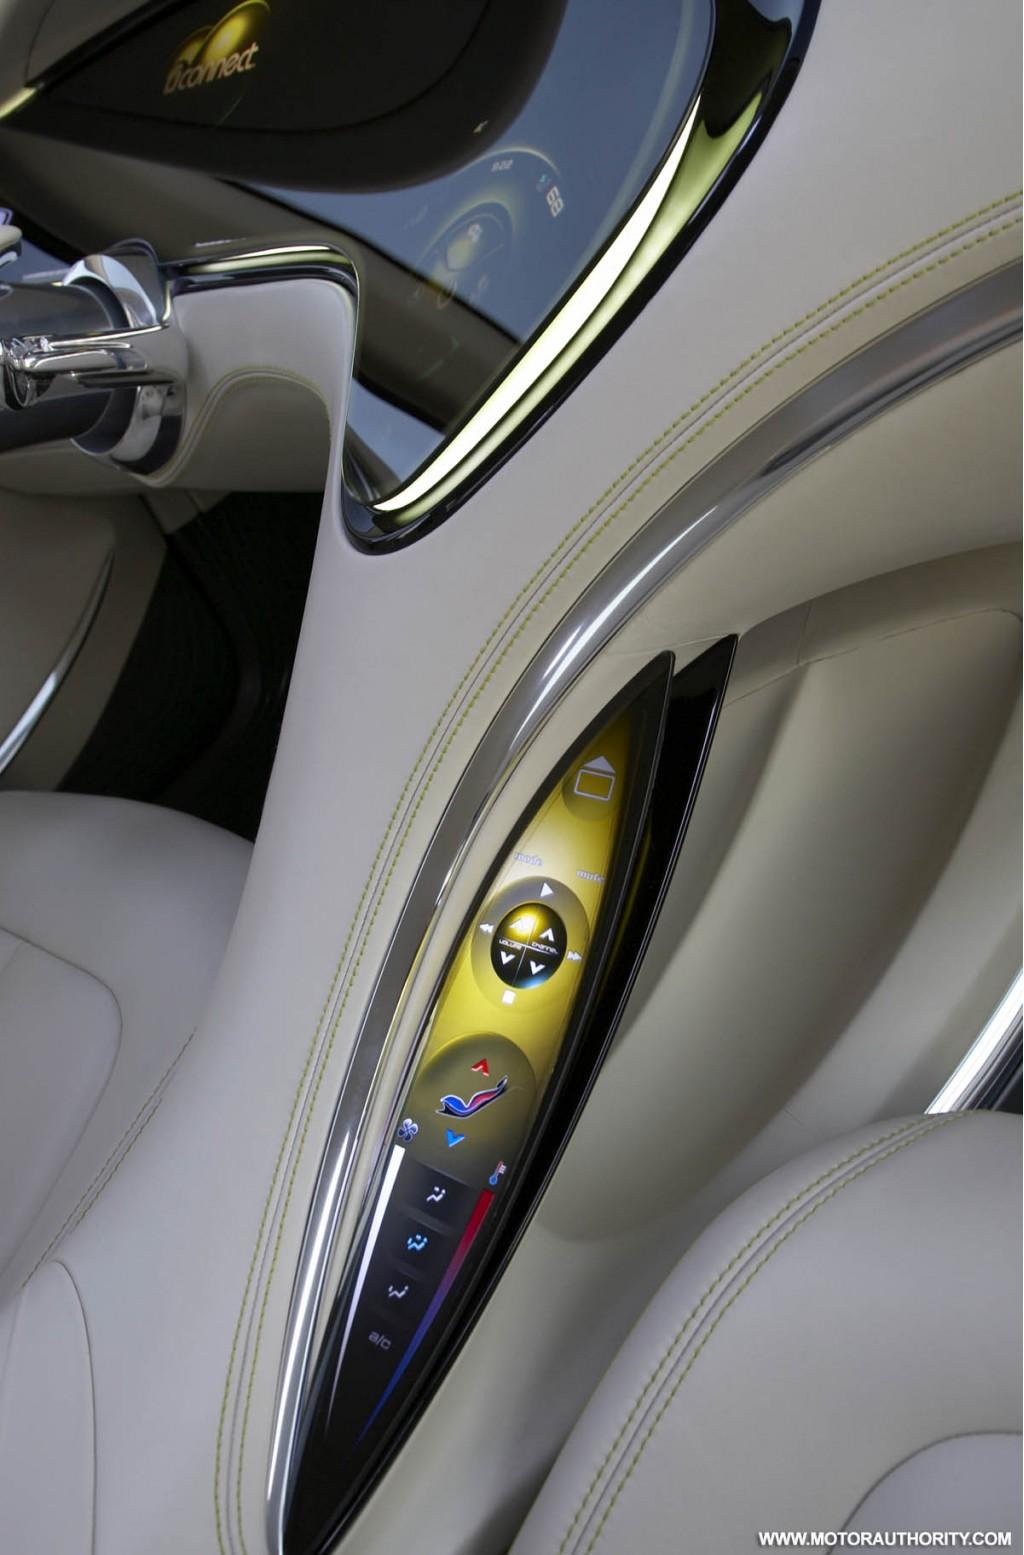 UAW's Gettelfinger Blesses Chrysler/Fiat Alliance